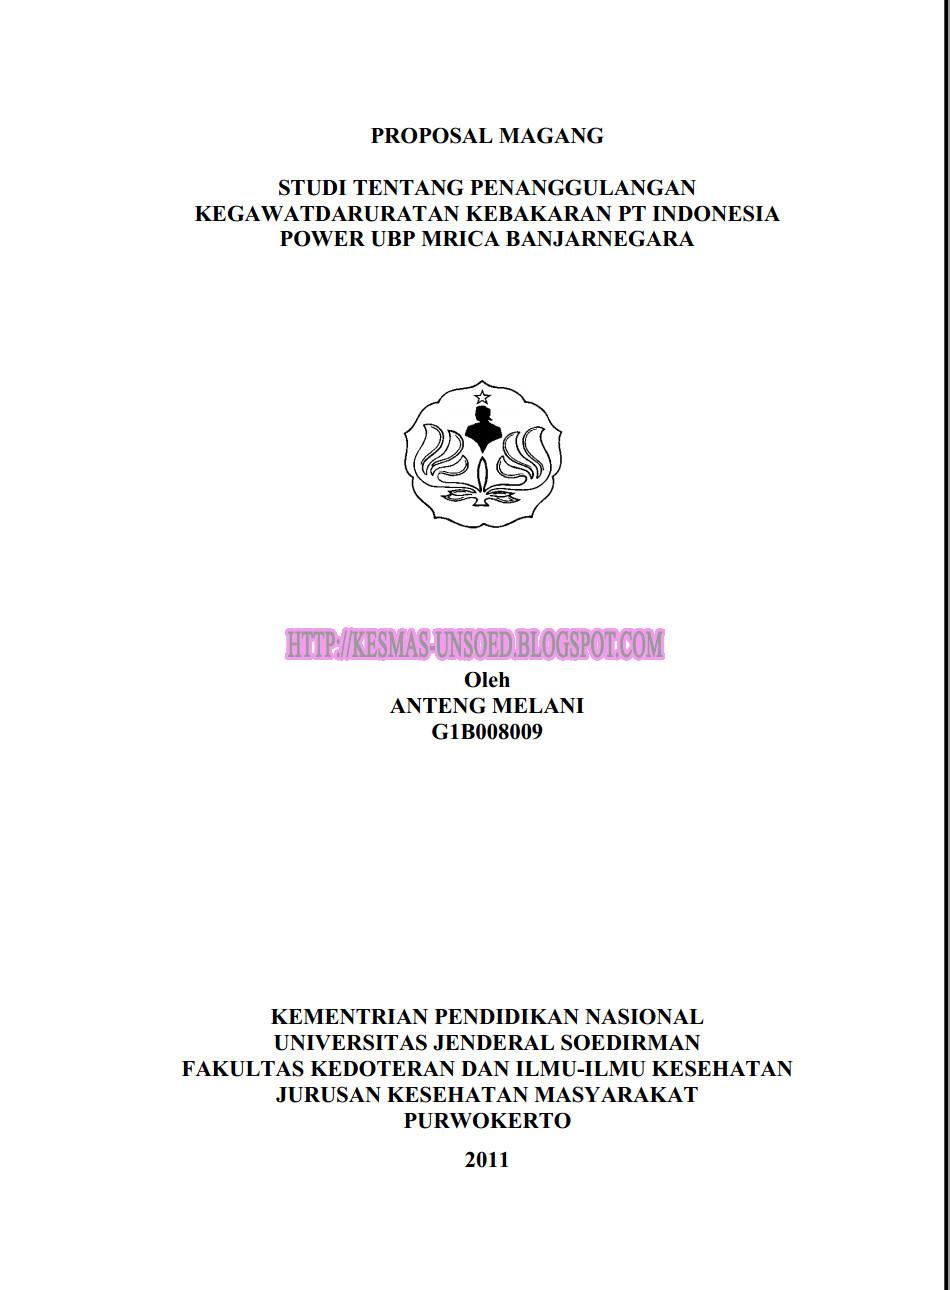 Proposal Magang Studi Tentang Penanggulangan Kegawatdaruratan